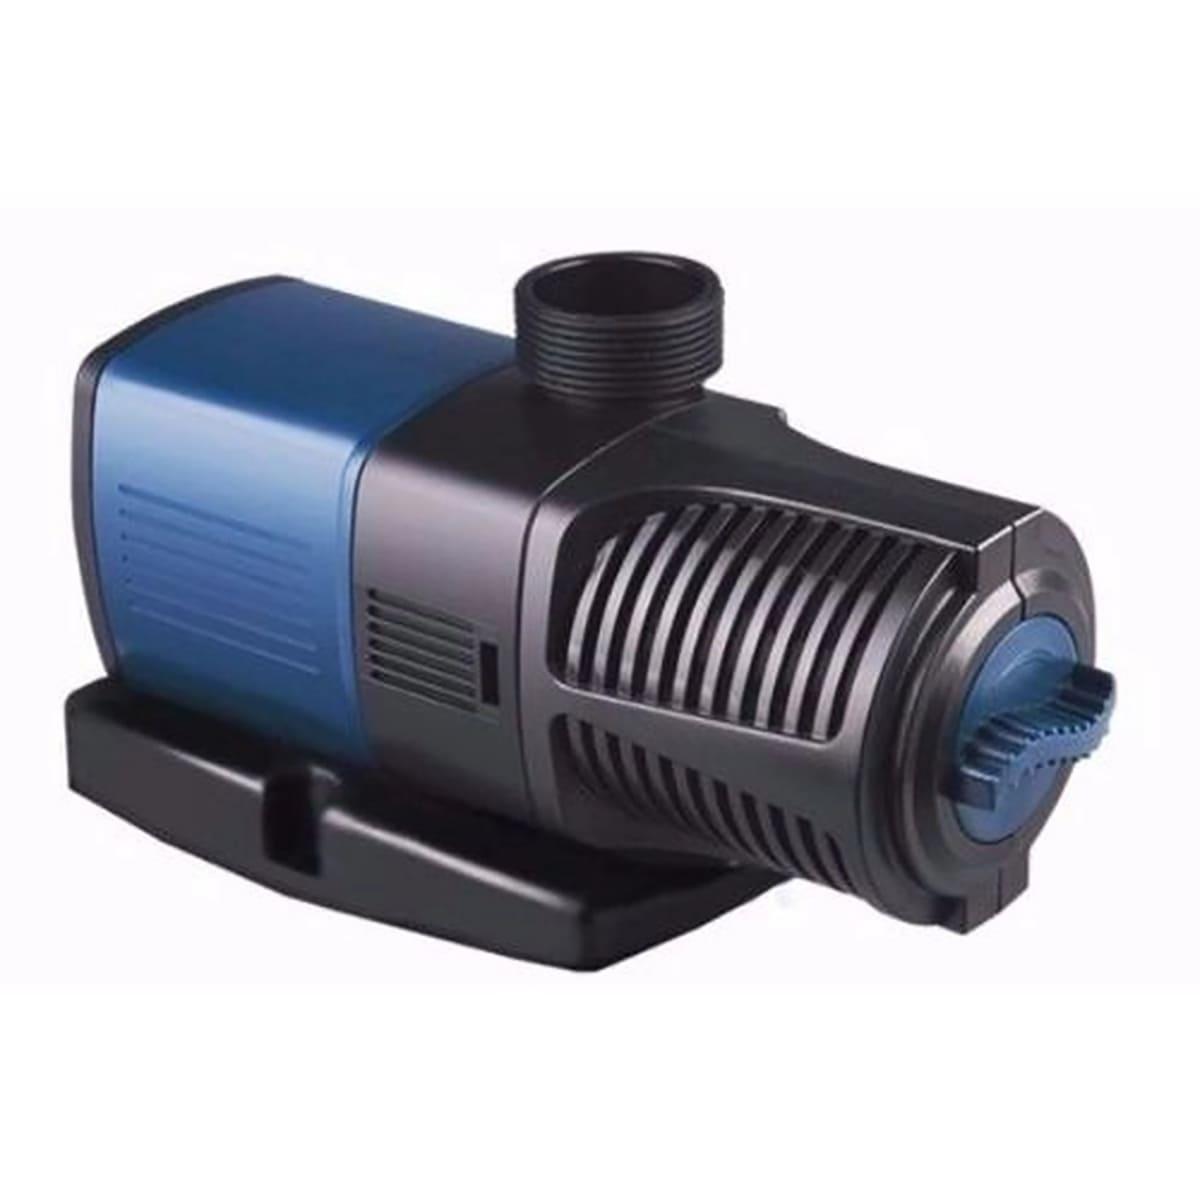 Bomba Submersa Sunsun Jtp-6000r - Aquários e Lagos 6000l/h